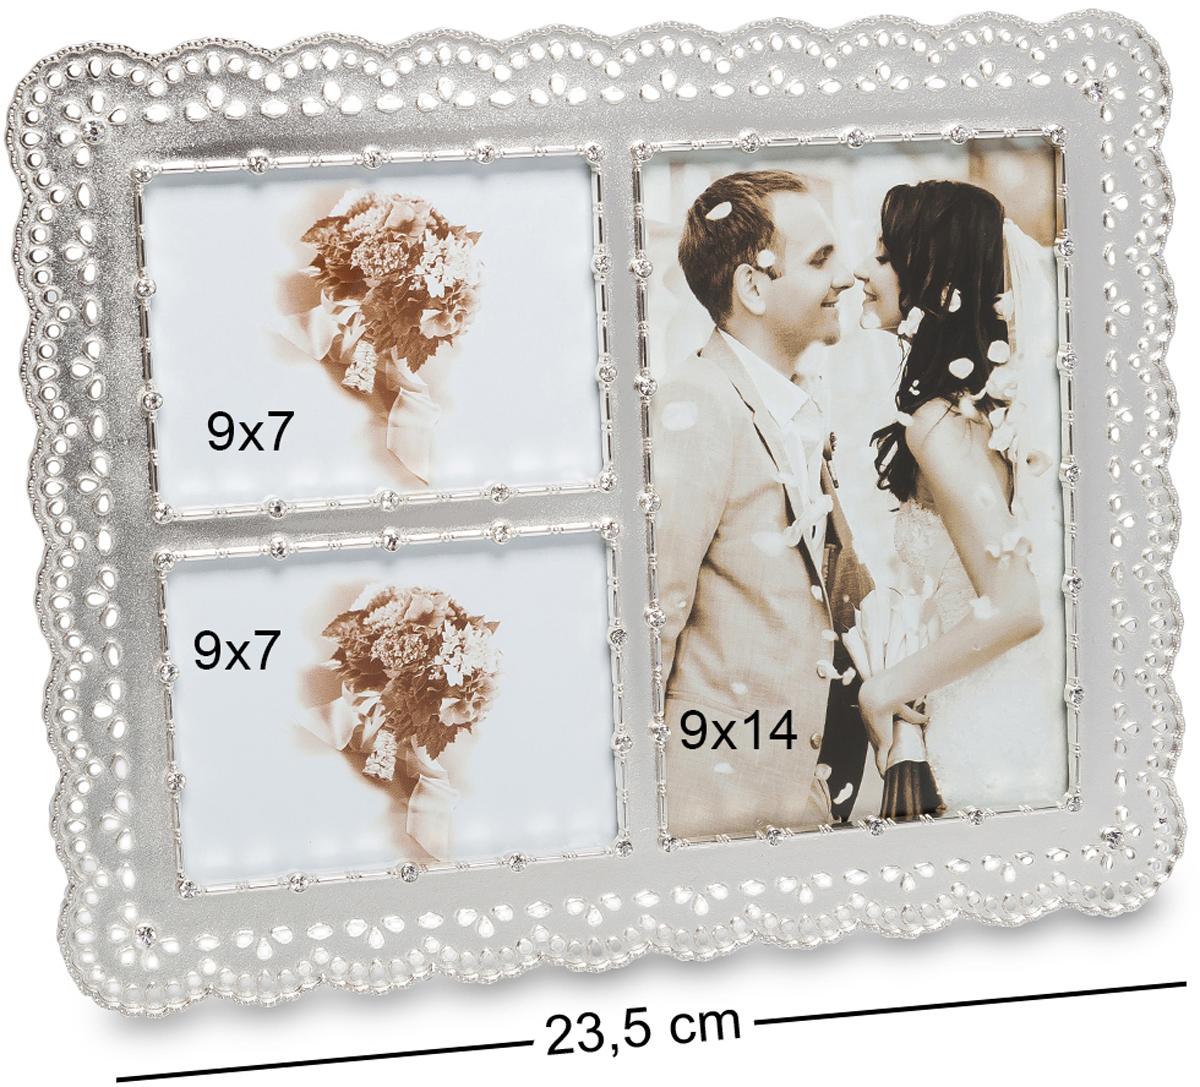 Фоторамка Bellezza Casa Искры любви, на 3 фото: 9х14, 9х7. CHK-189CHK-189Фоторамка на 3 фото для фотографий 9х14 и 9х7 см. Само название этой фоторамки говорит о том, что она предназначена для любовных снимков, на которых запечатлены самые яркие моменты ваших отношений. Например, в первой ячейке может быть первый подаренный букет цветов, или снимок, сделанный на первом свидании. Во вторую ячейку можно поместить свадебную фотографию, а в третью - фотографию с вашим первенцем. Порядок, да и сами снимки могут быть любыми, ведь главное не это. Главное - это то, что самые теплые воспоминания всегда будут с вами, пока в фоторамке Искры любви стоят памятные фото.